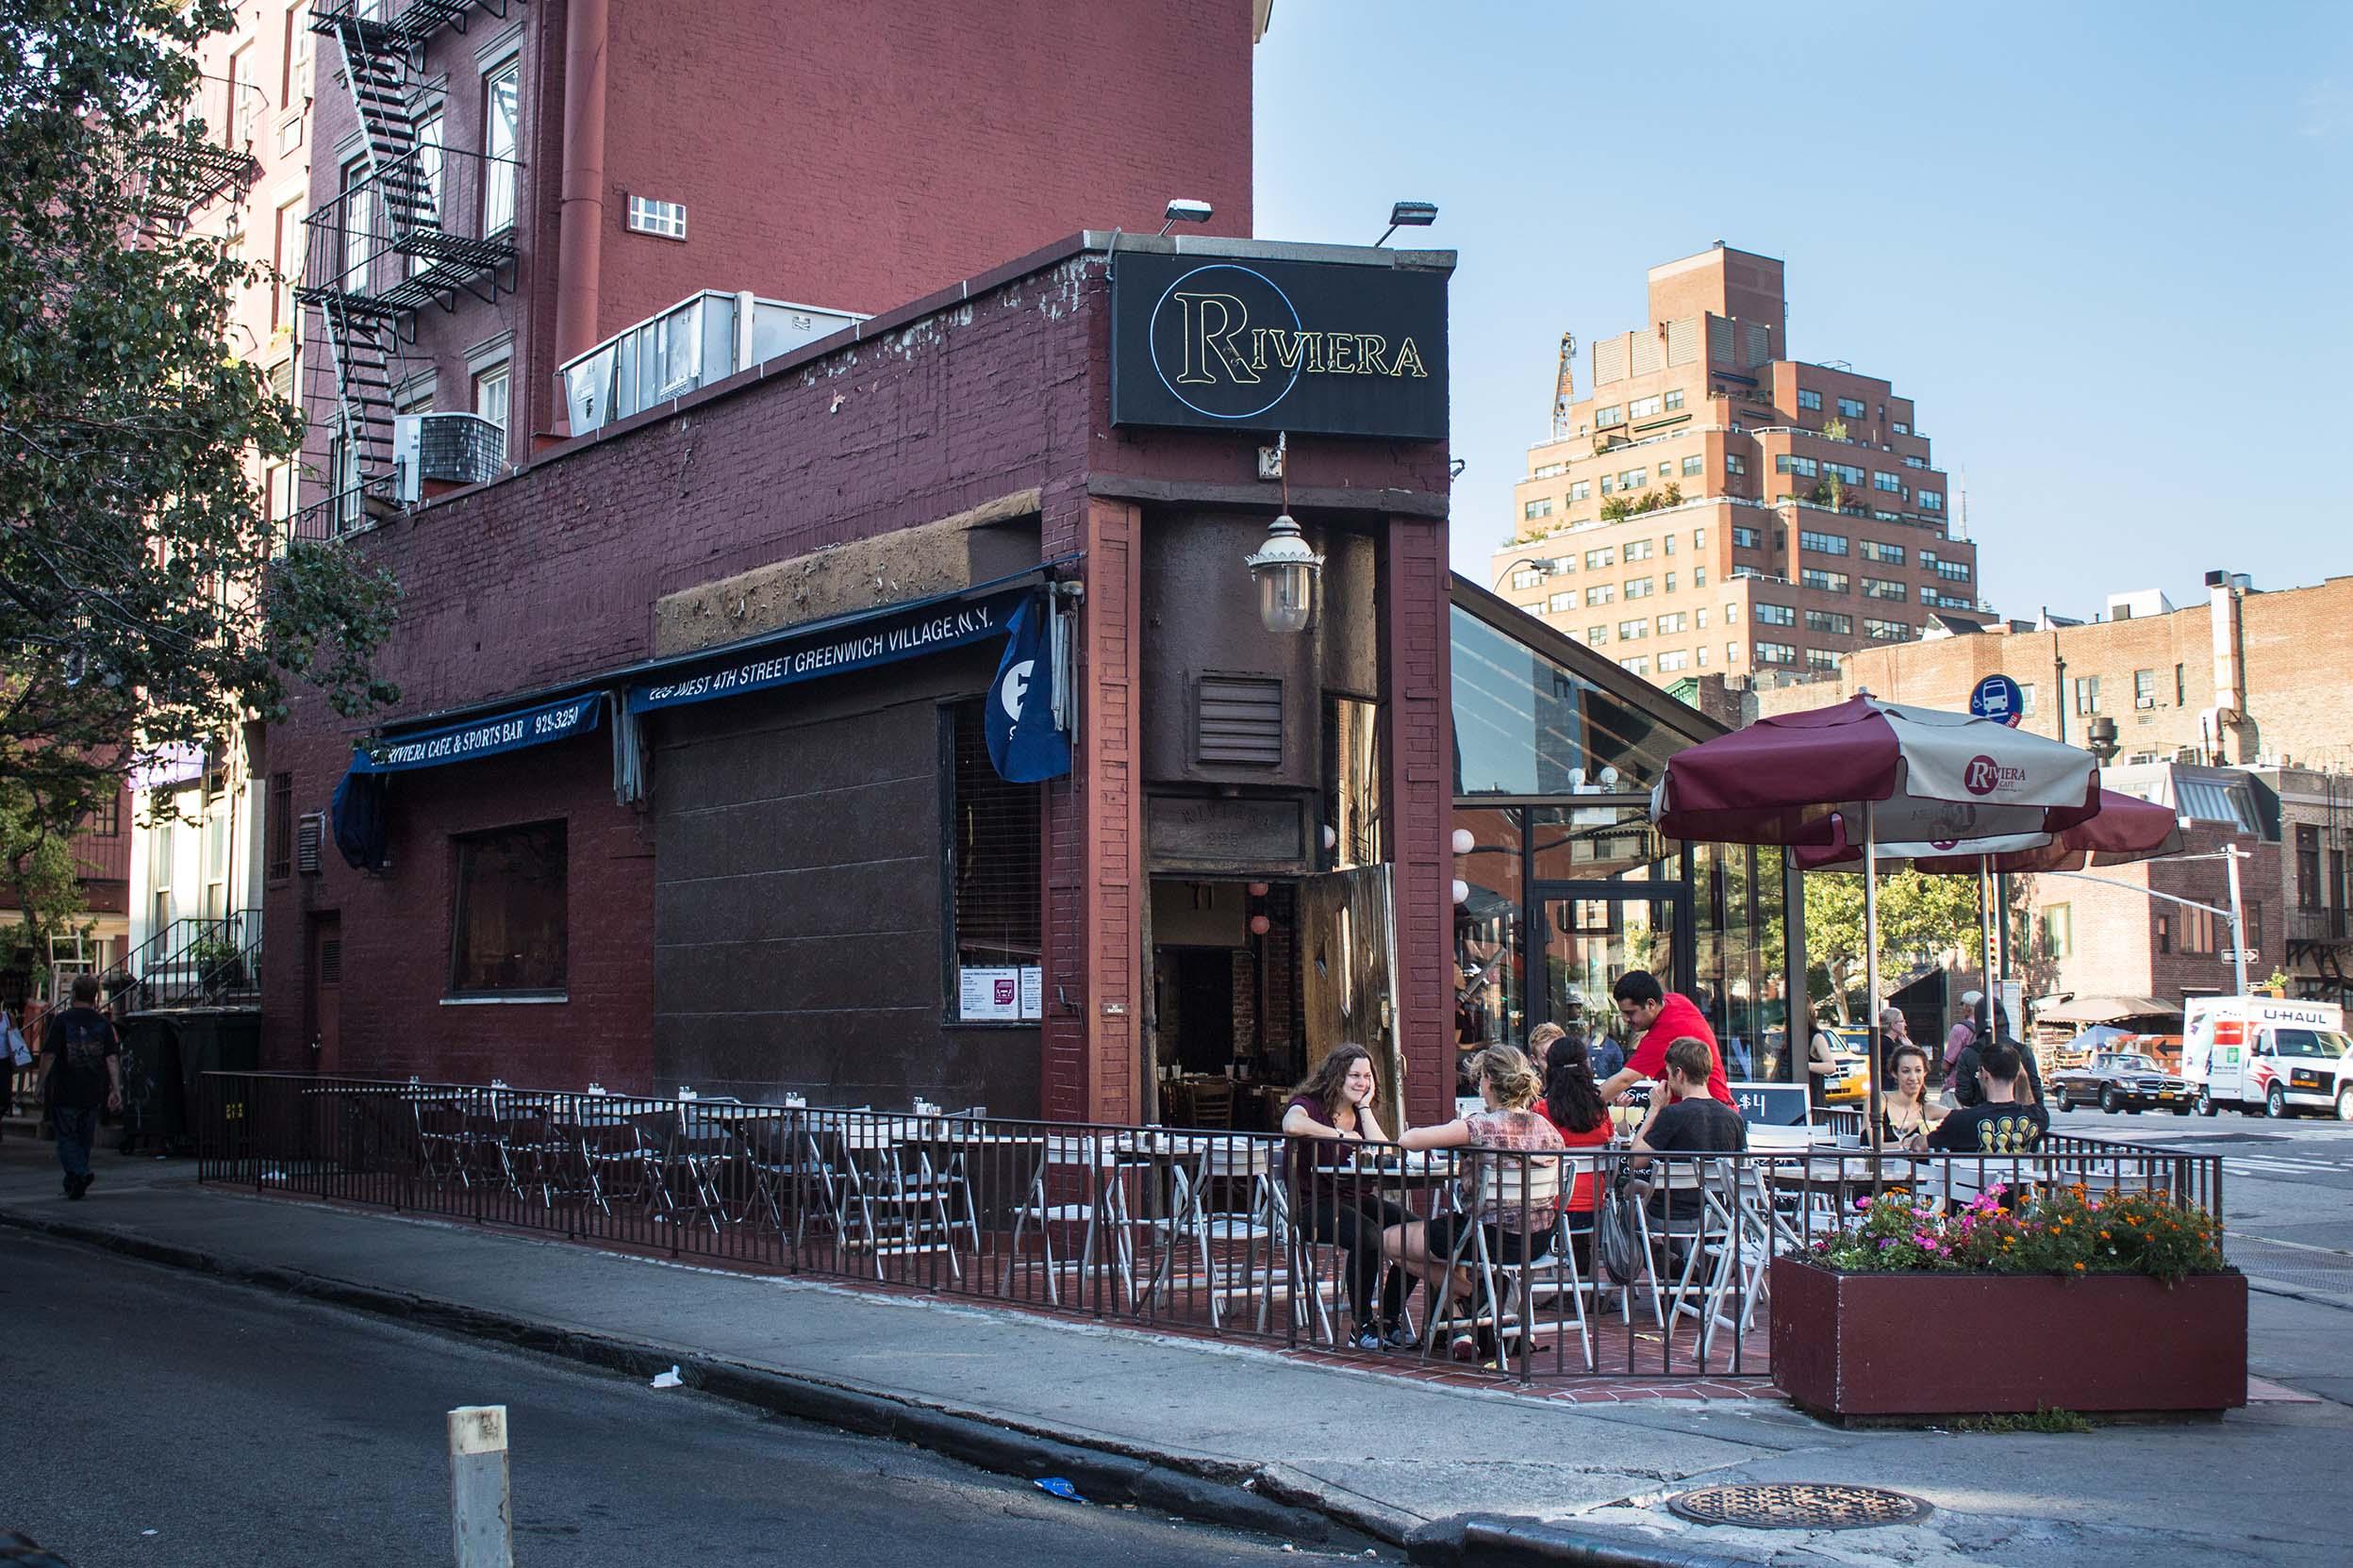 West Village Hires-12.jpg